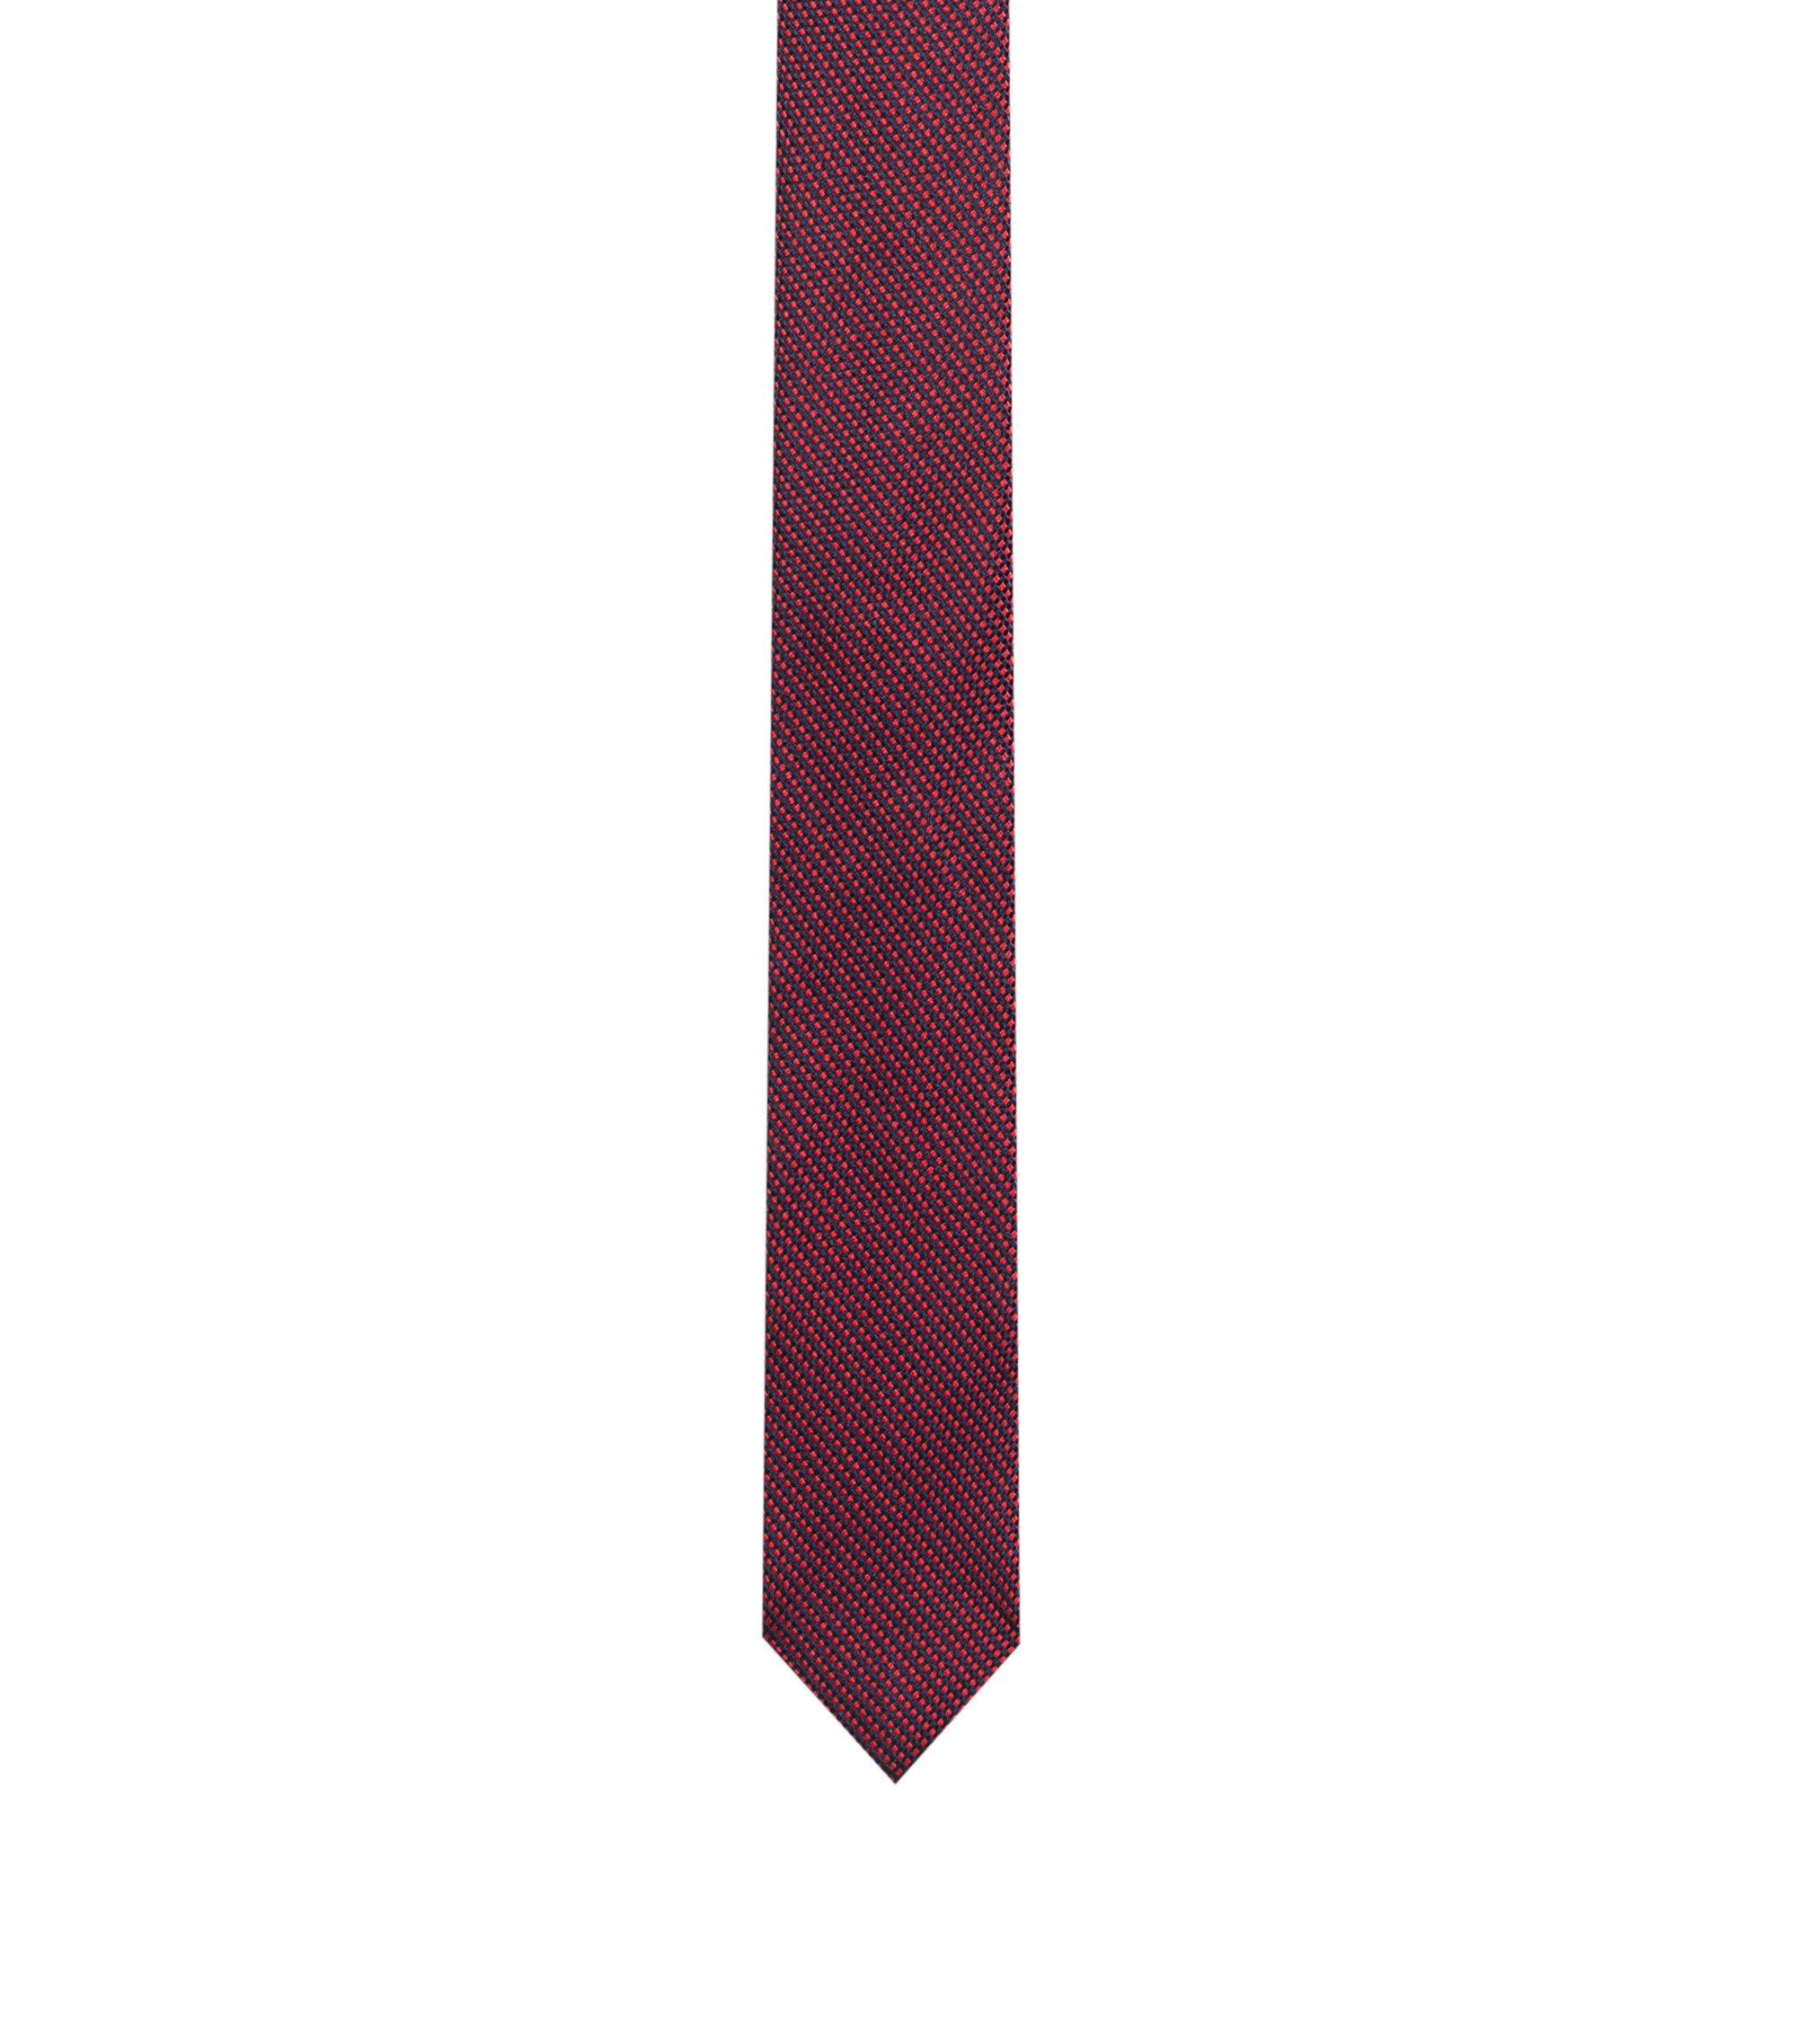 Cravatta jacquard in seta con microdisegni, A disegni